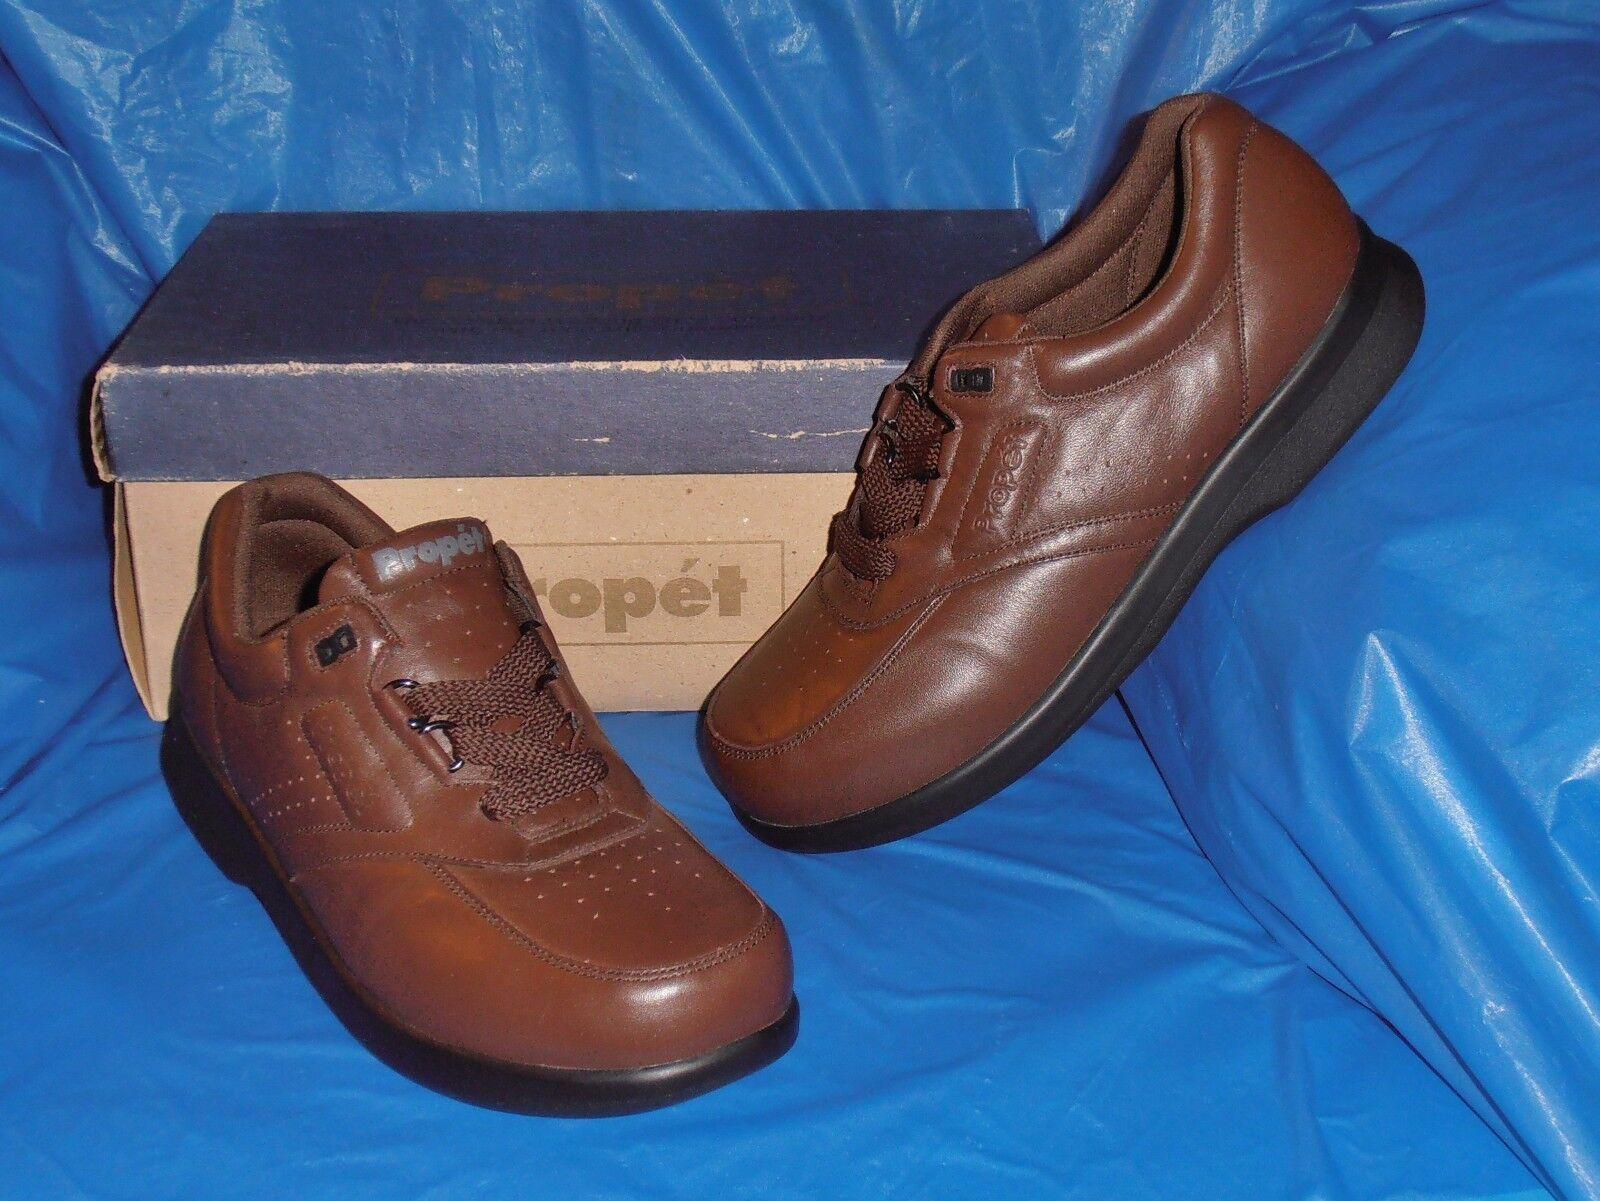 Propet, Uomo Brown Lite Comfort Walking shoe. 12 M